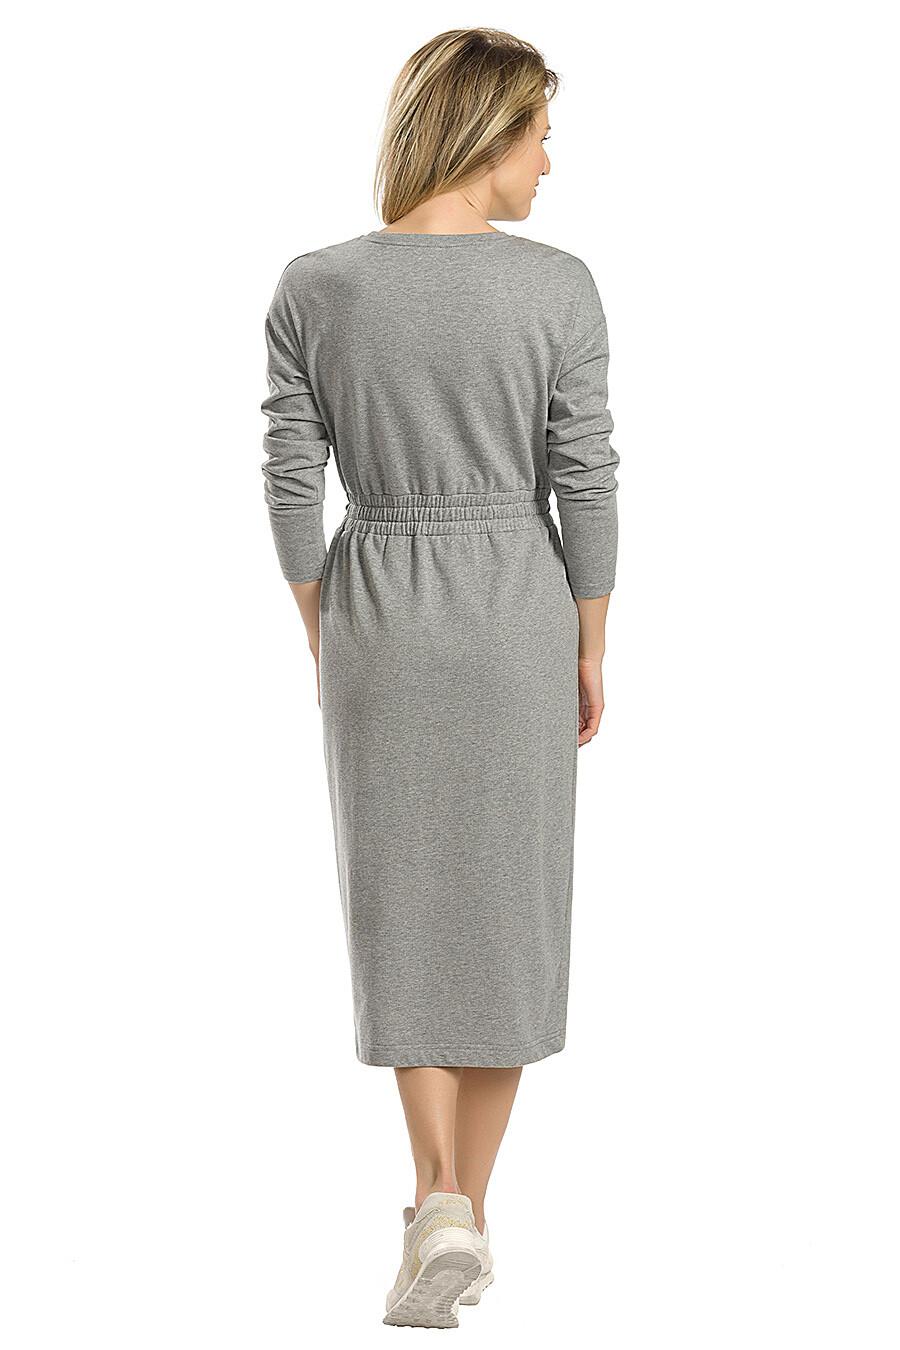 Платье для женщин PELICAN 146748 купить оптом от производителя. Совместная покупка женской одежды в OptMoyo